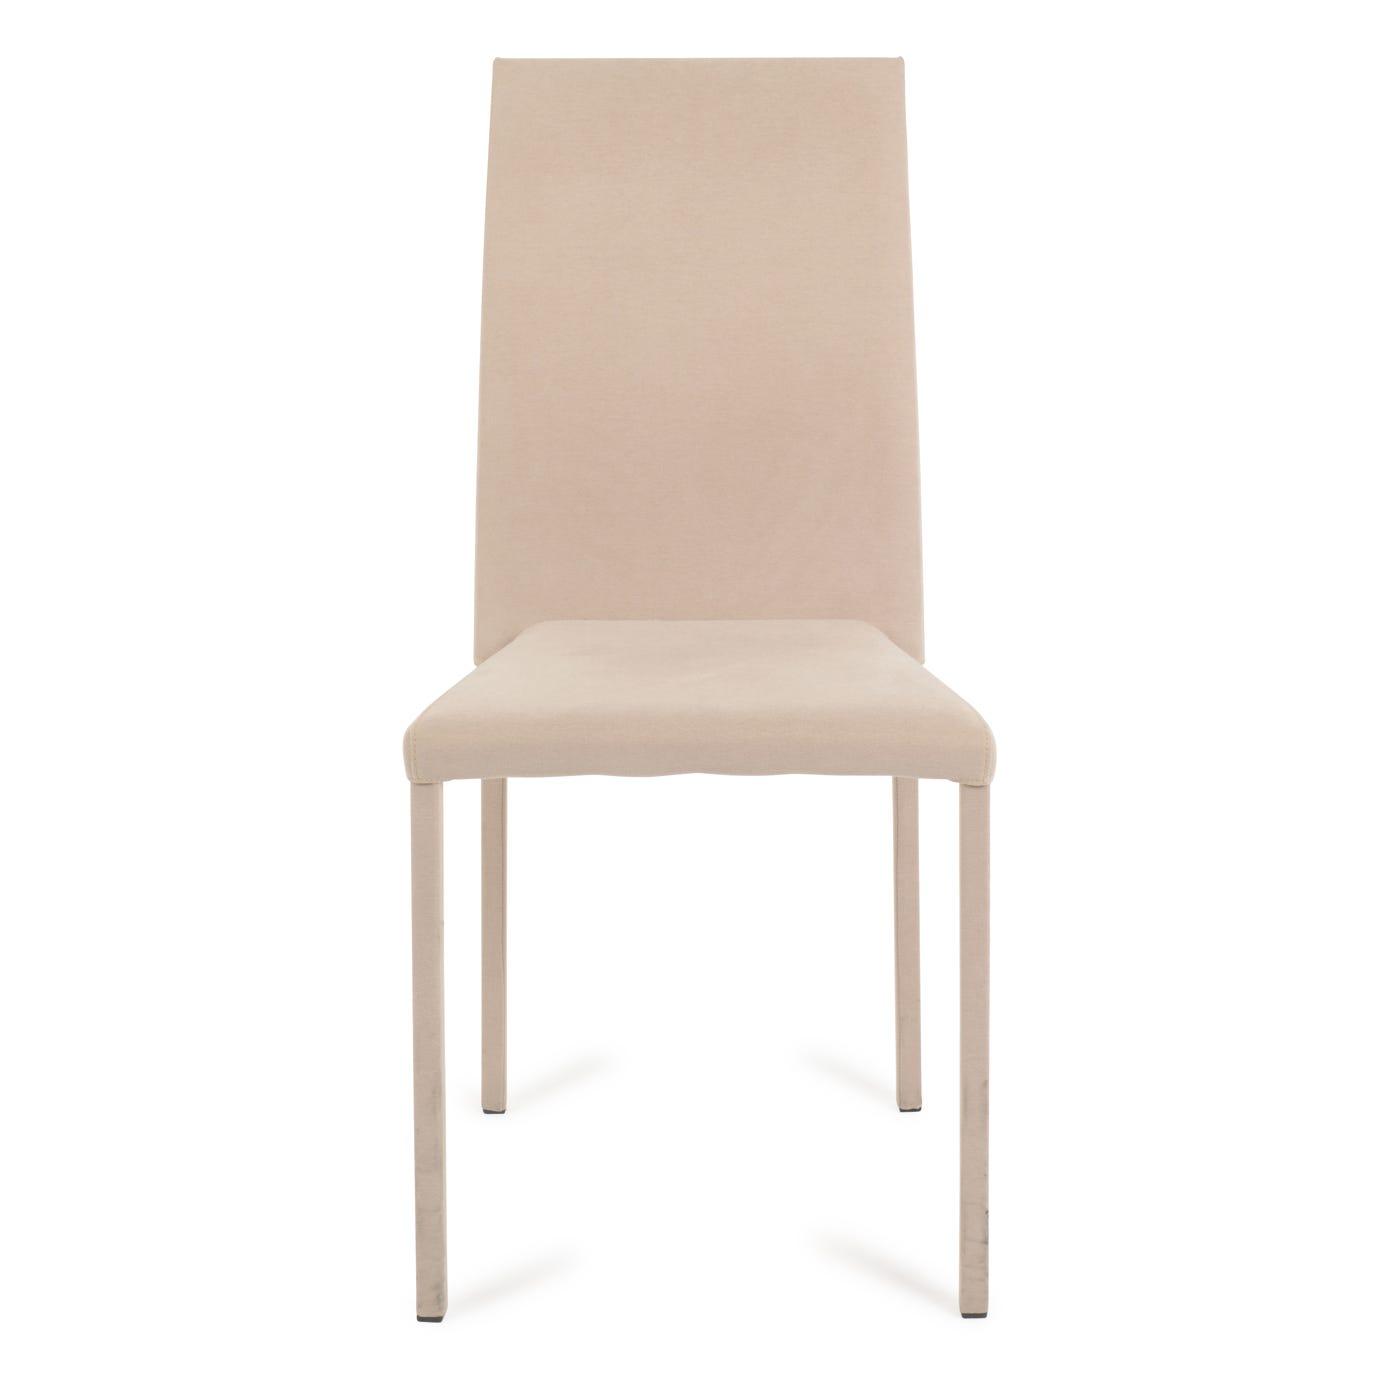 Tego Chair